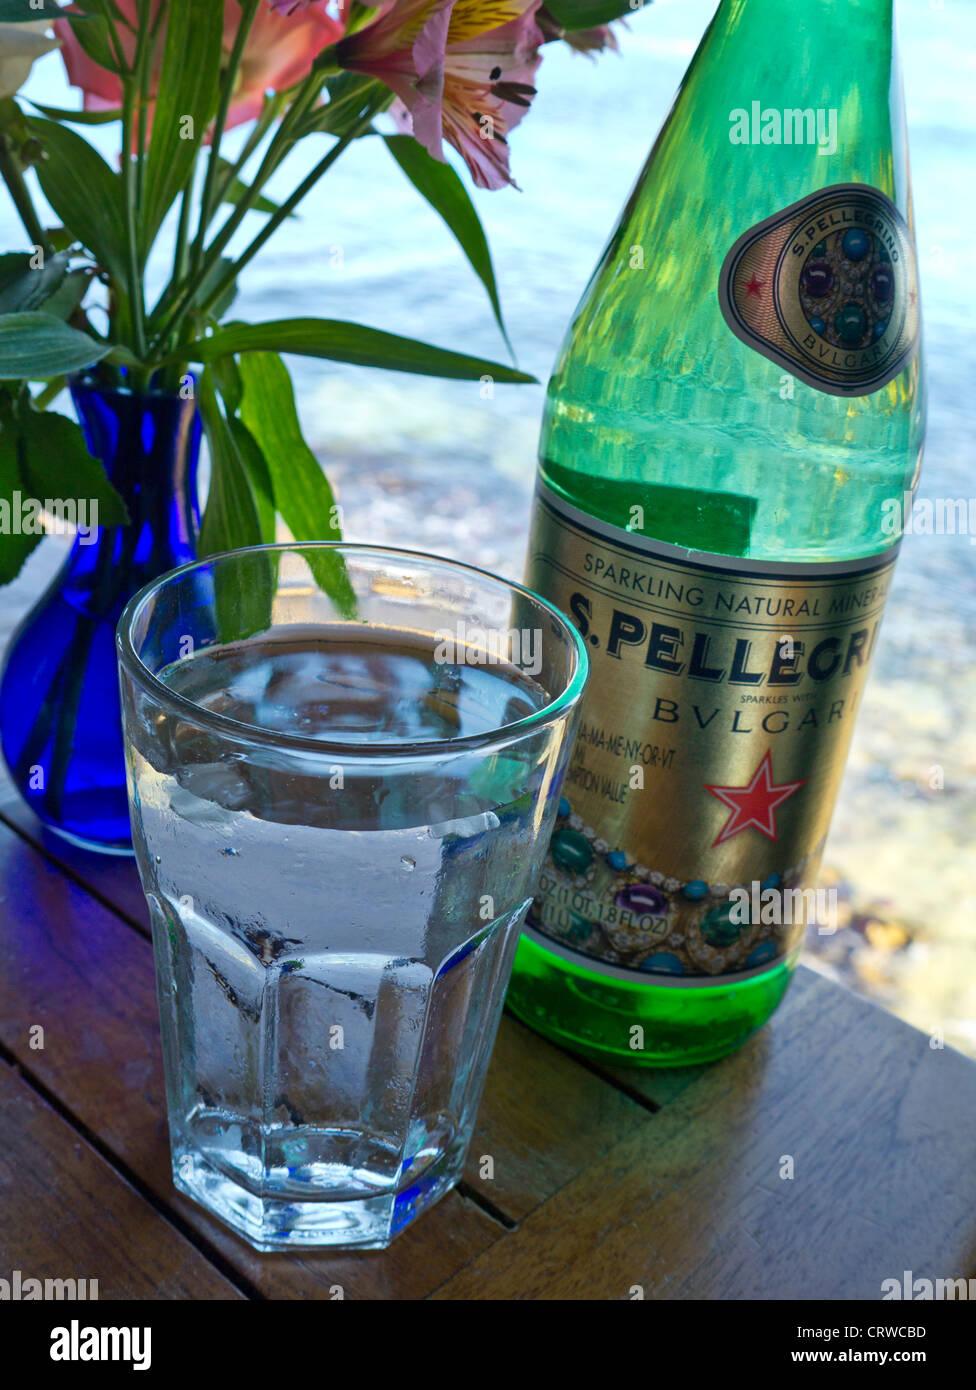 Pellegrino Bulgari l'eau en bouteille en verre de luxe et restaurant floral sur table avec vue sur la mer Photo Stock